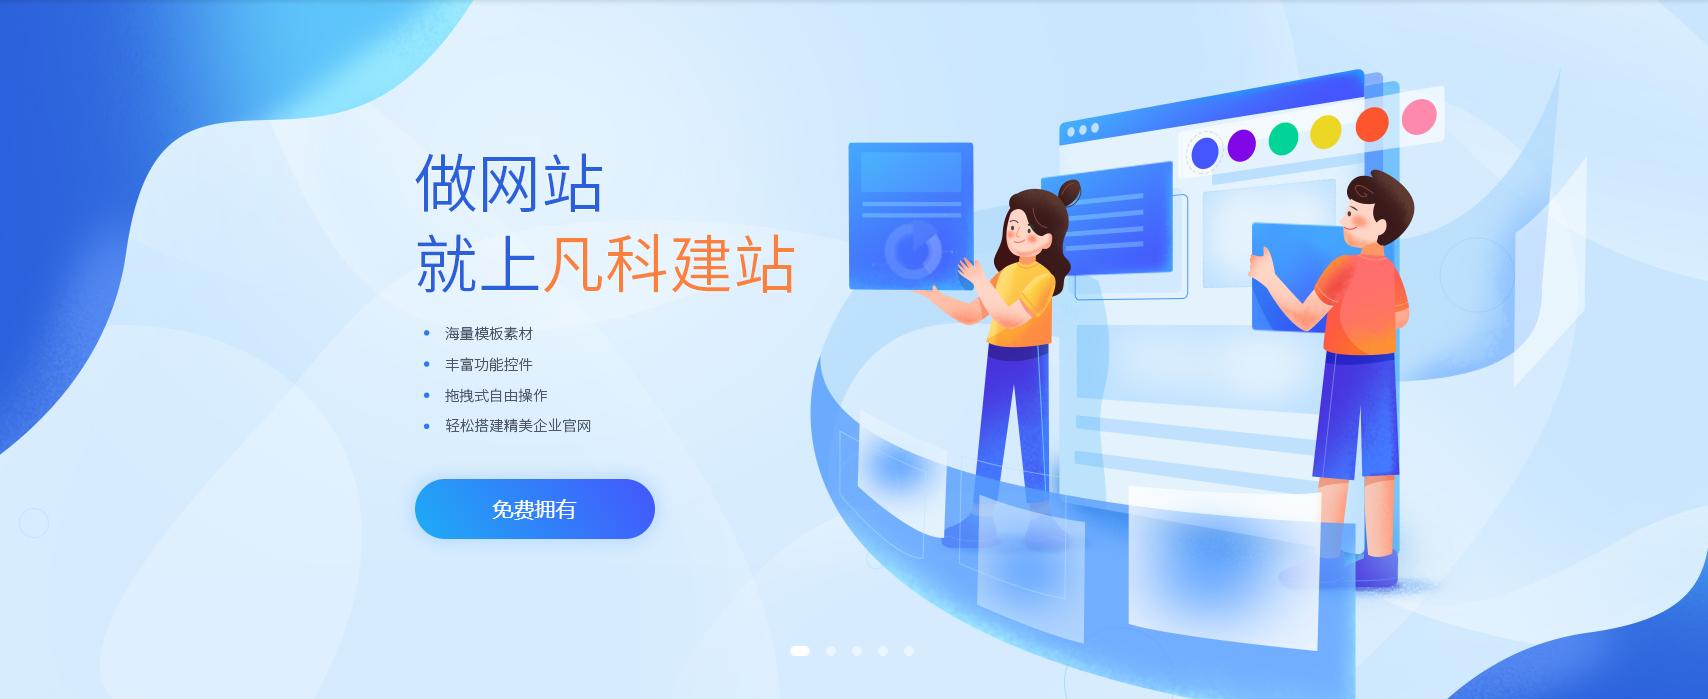 企业网站建设模板